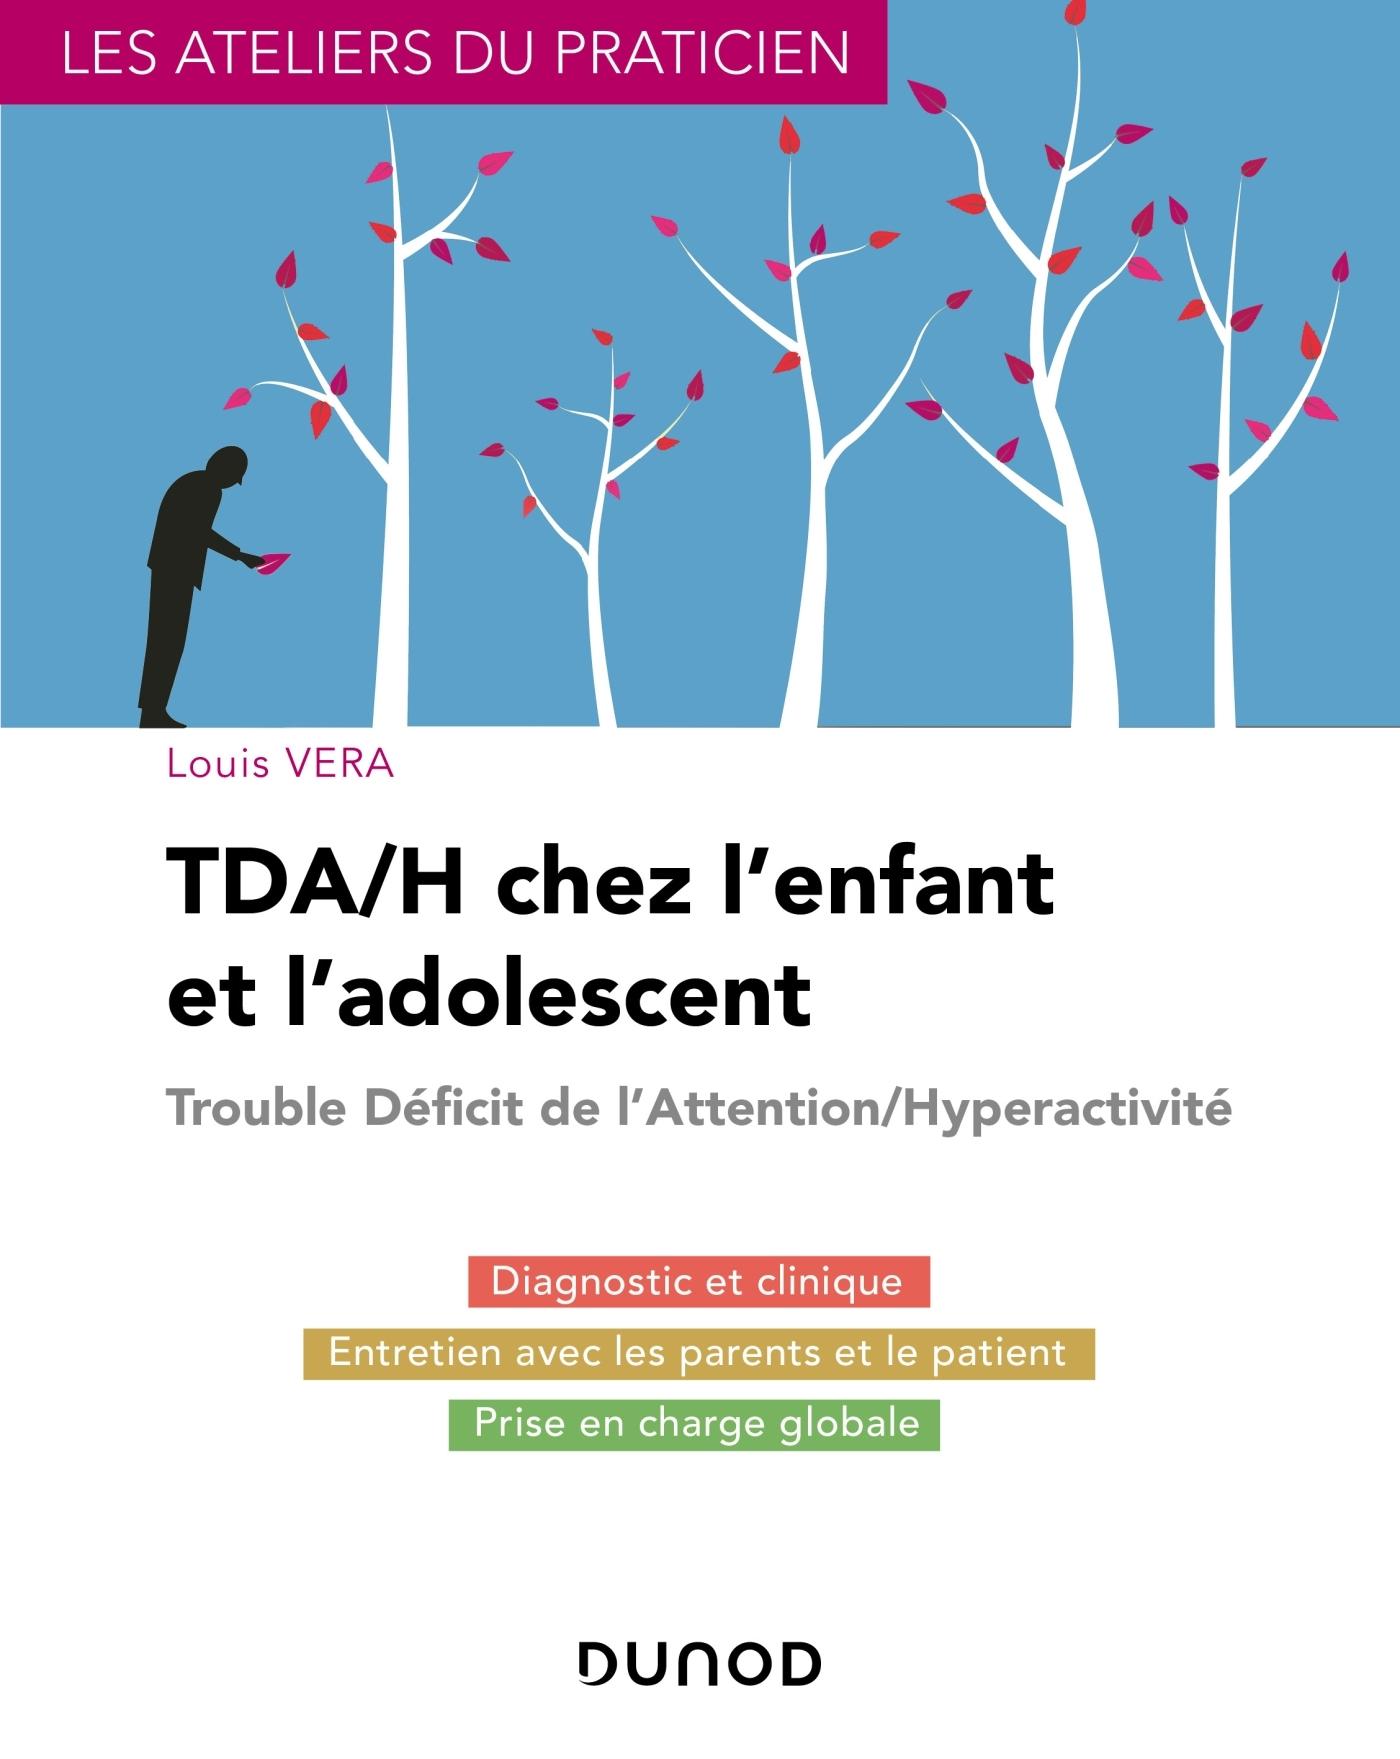 TDA/H CHEZ L'ENFANT ET L'ADOLESCENT - TRAITER LES TROUBLES DE L'ATTENTION ET HYPERACTIVITE CHEZ L'EN